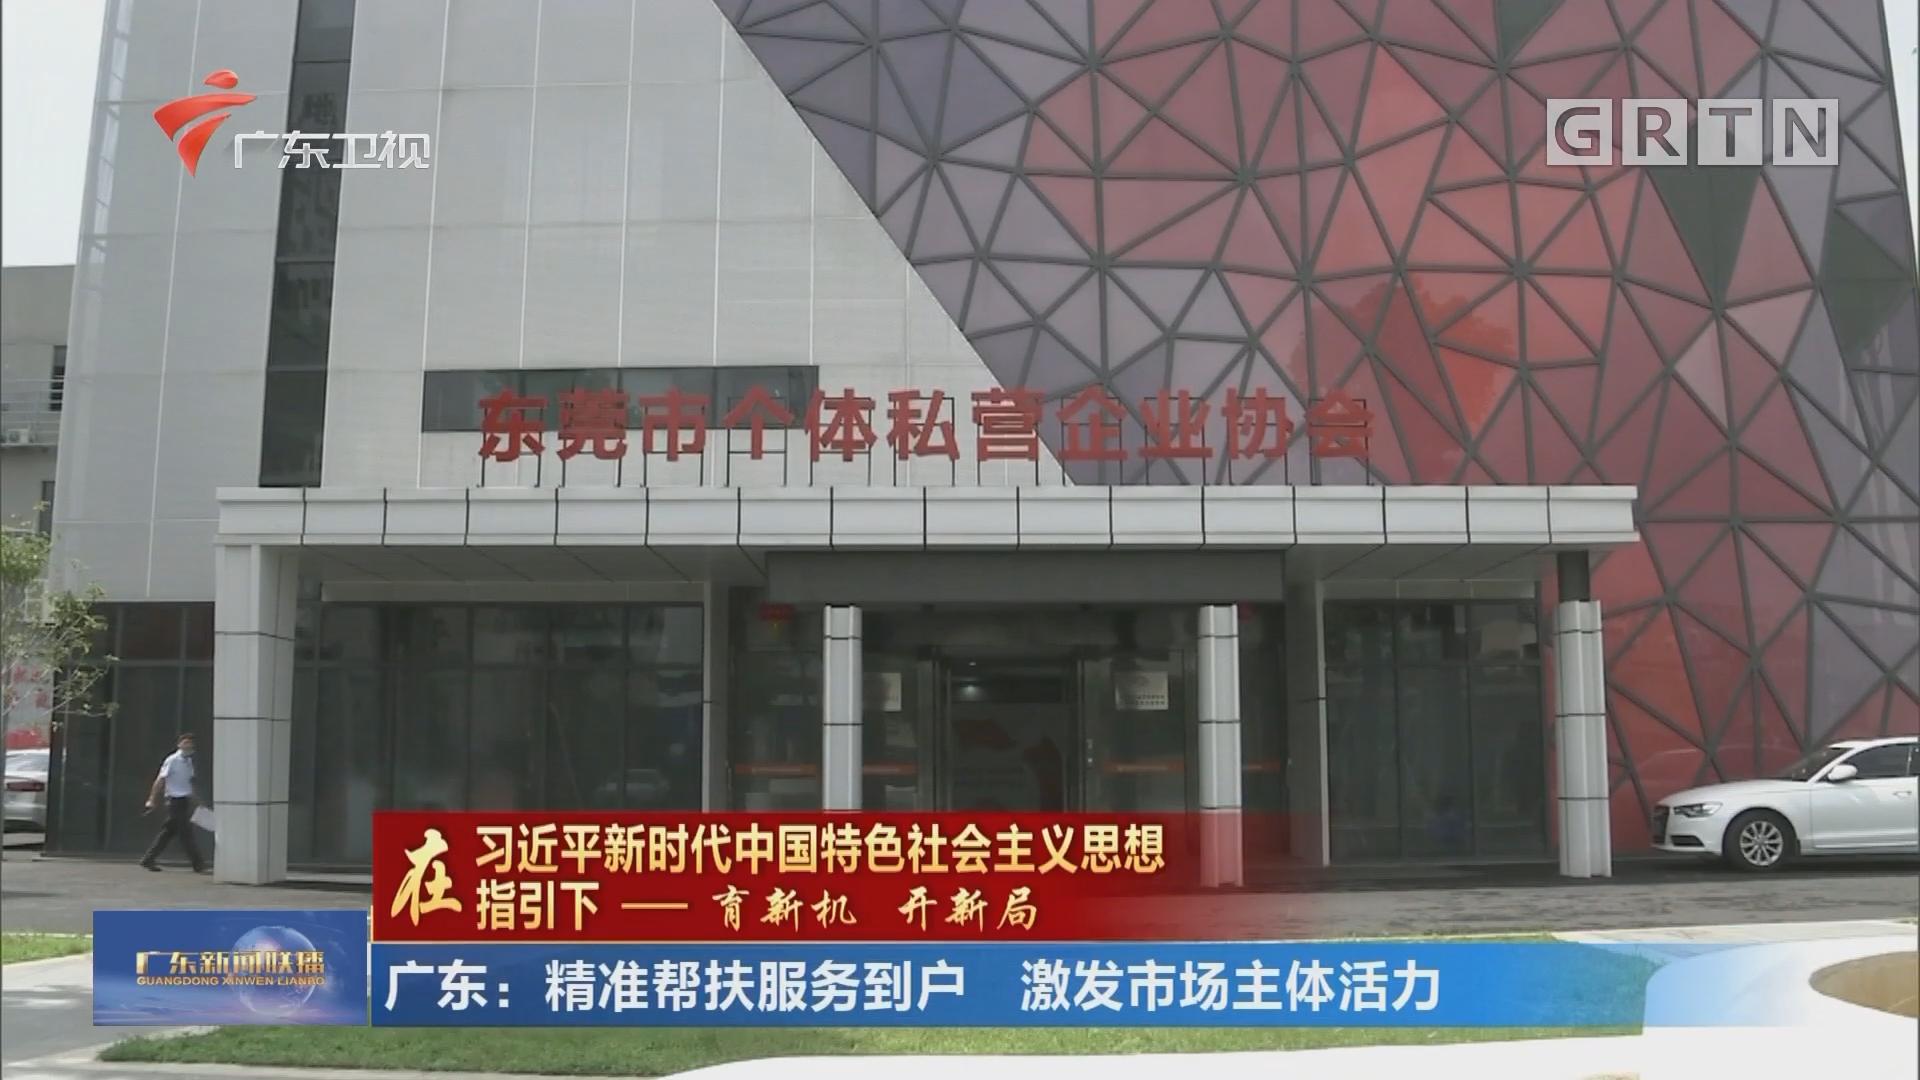 广东:精准帮扶服务到户 激发市场主体活力